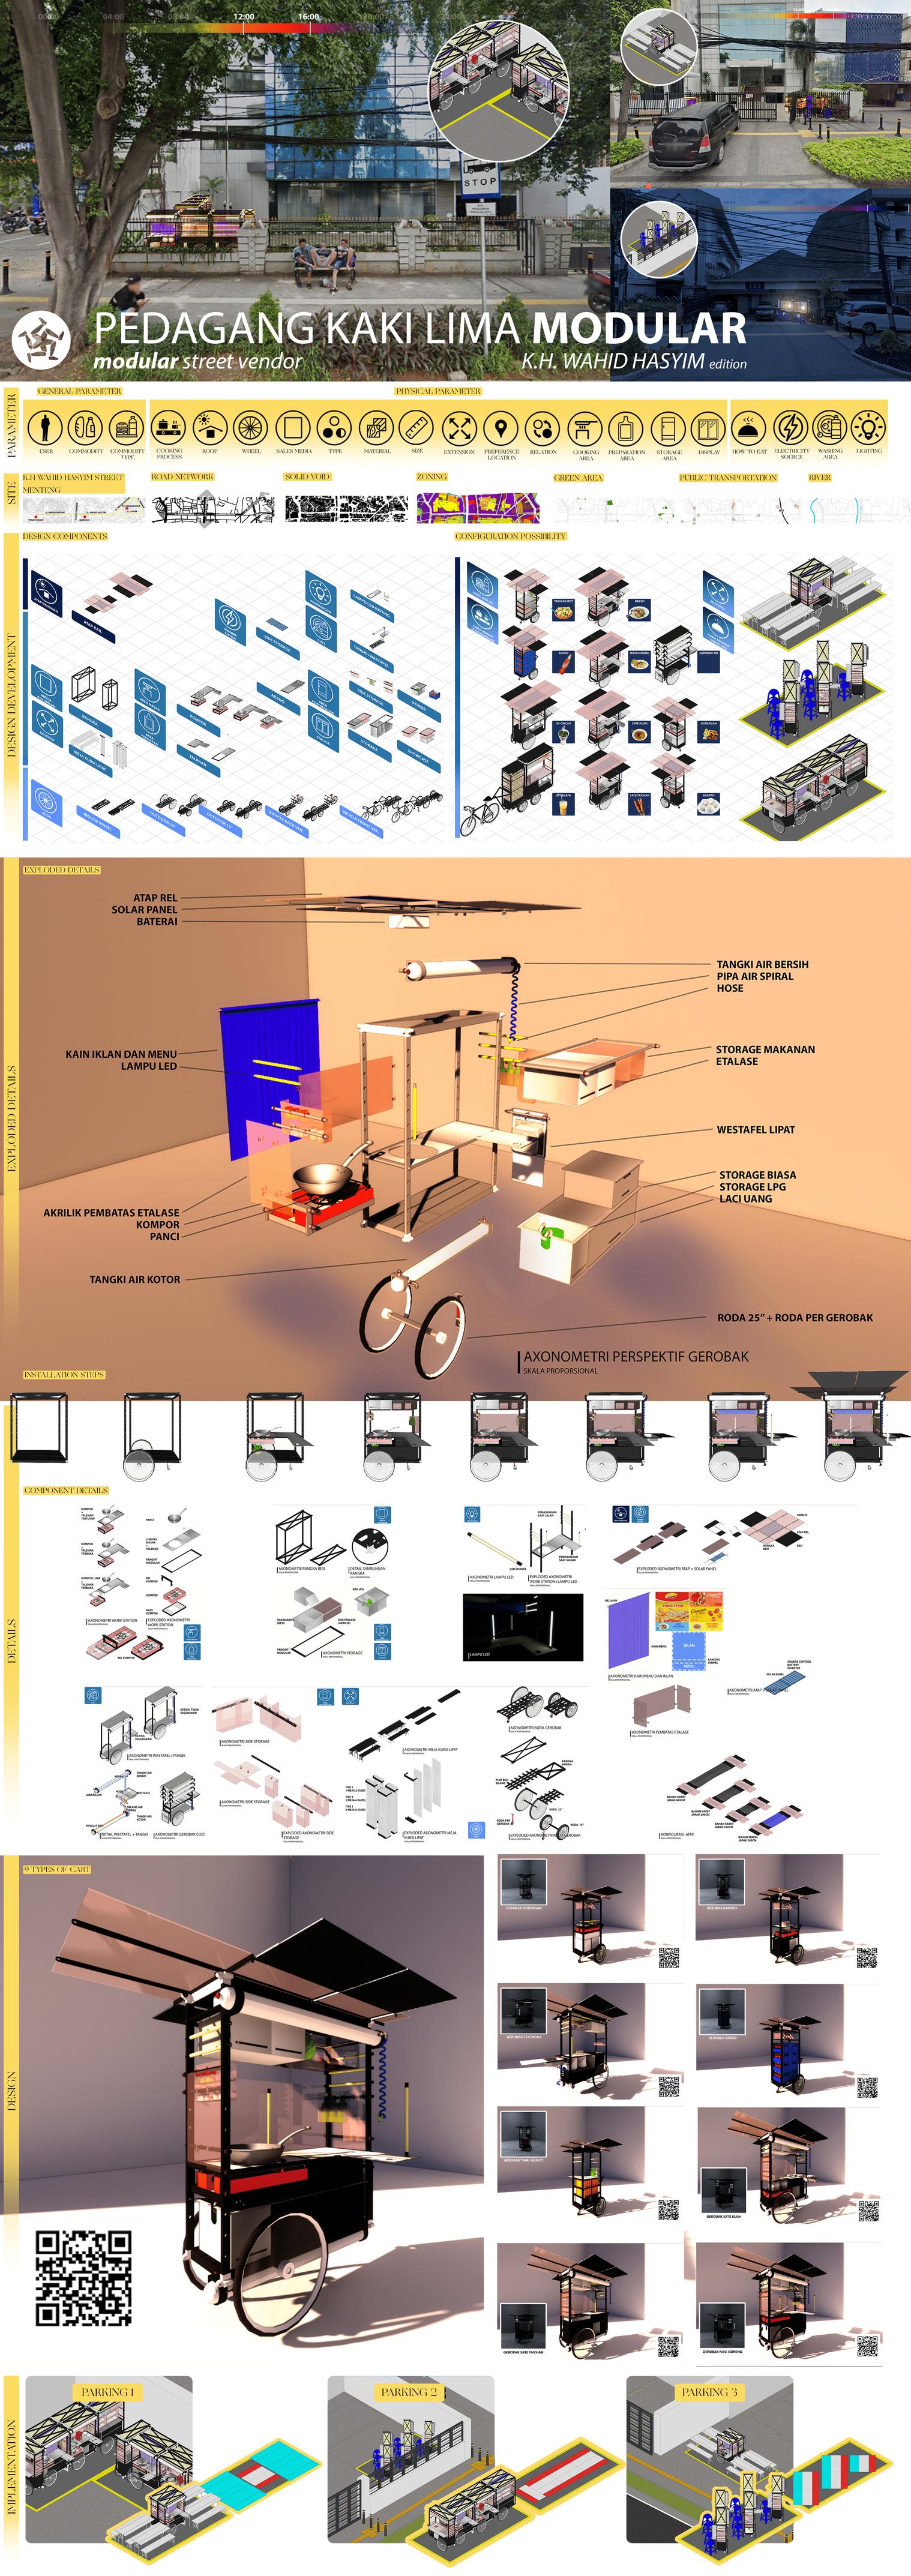 Pedagang Kaki Lima Modular.png